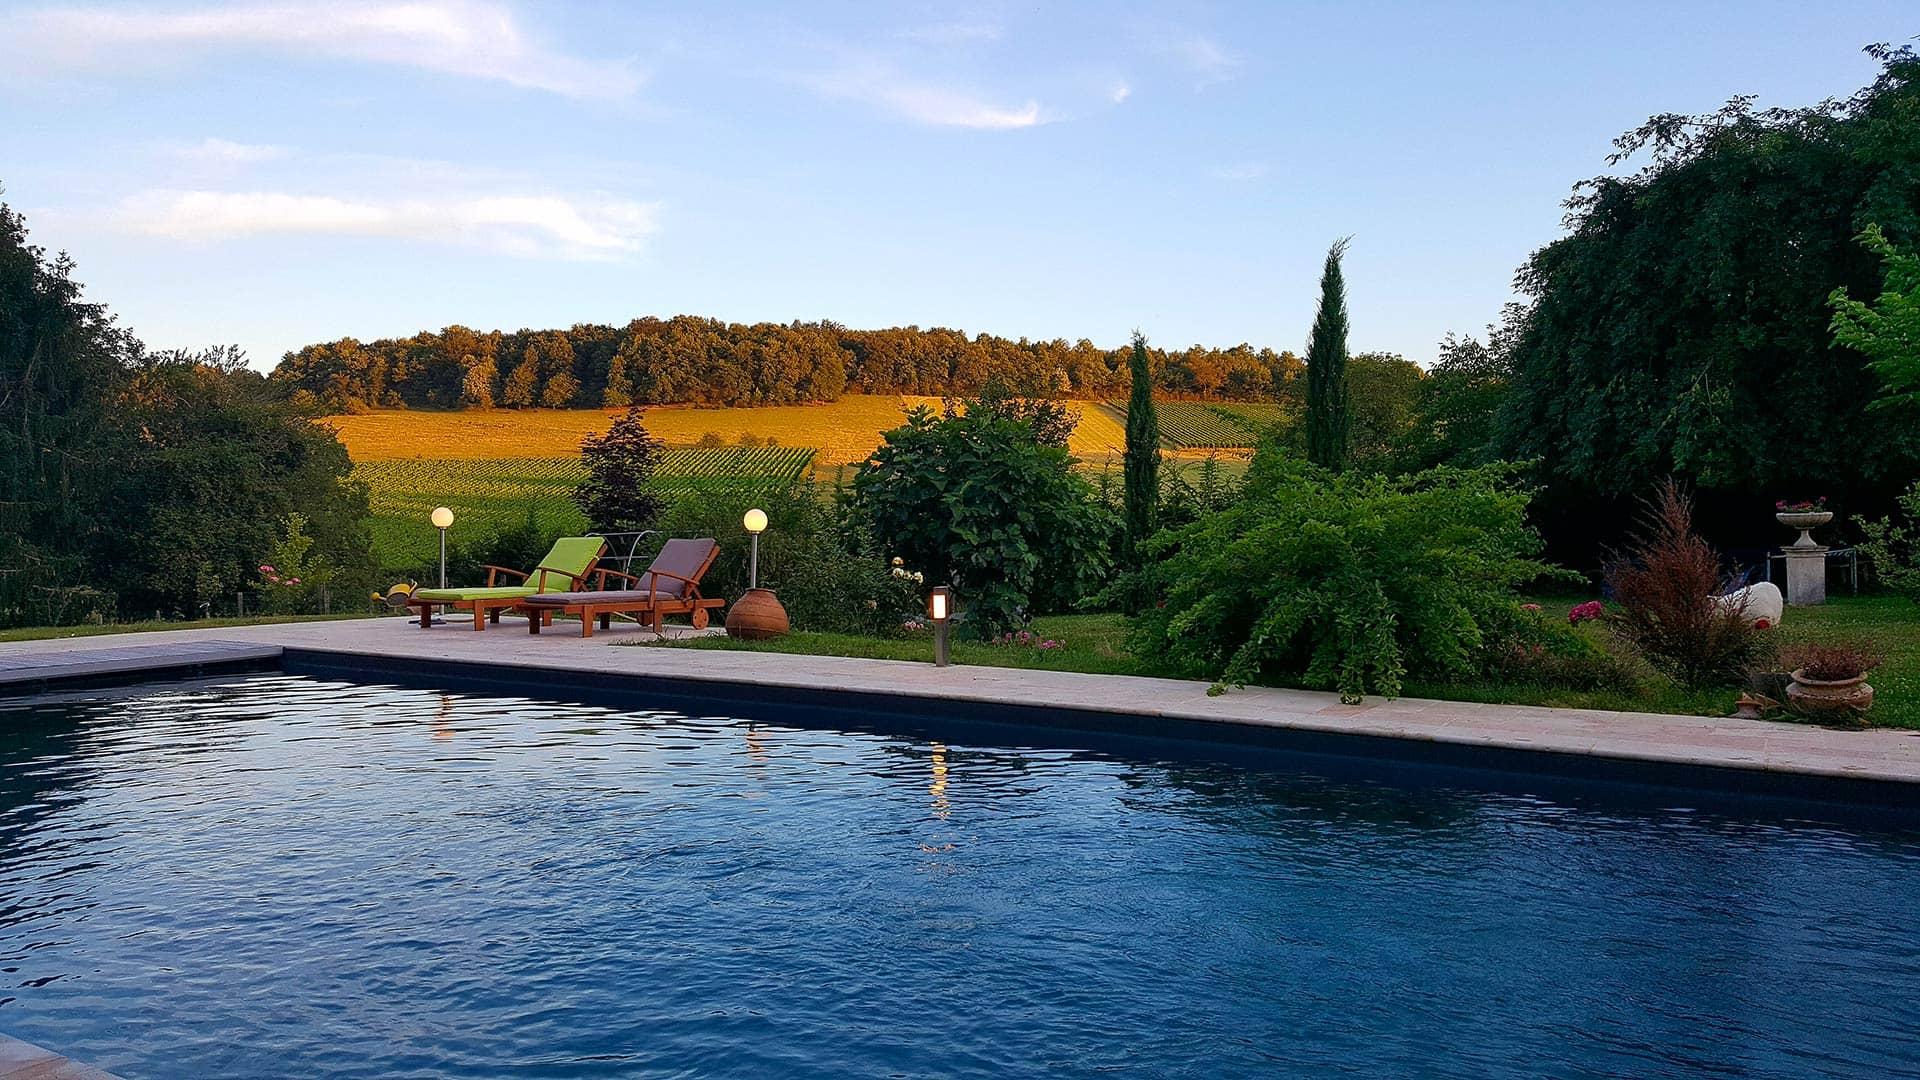 Piscine fin d'après-midi à La Cadole de Chardonnay